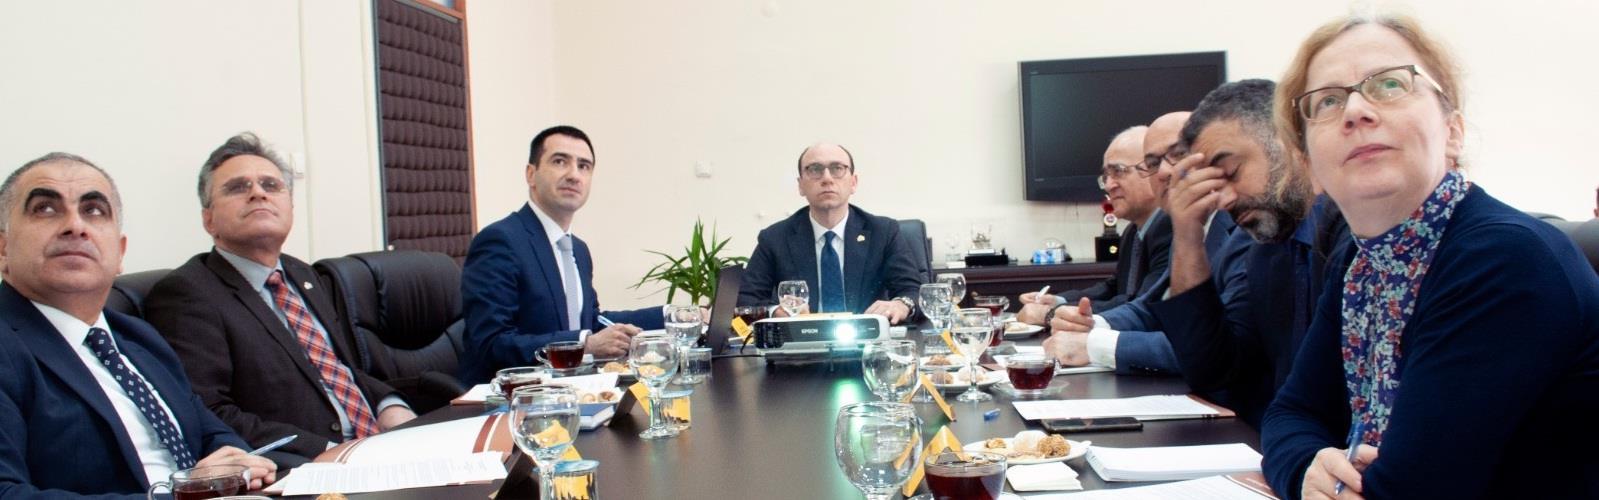 Yönetim-Kurulu-Toplantısı